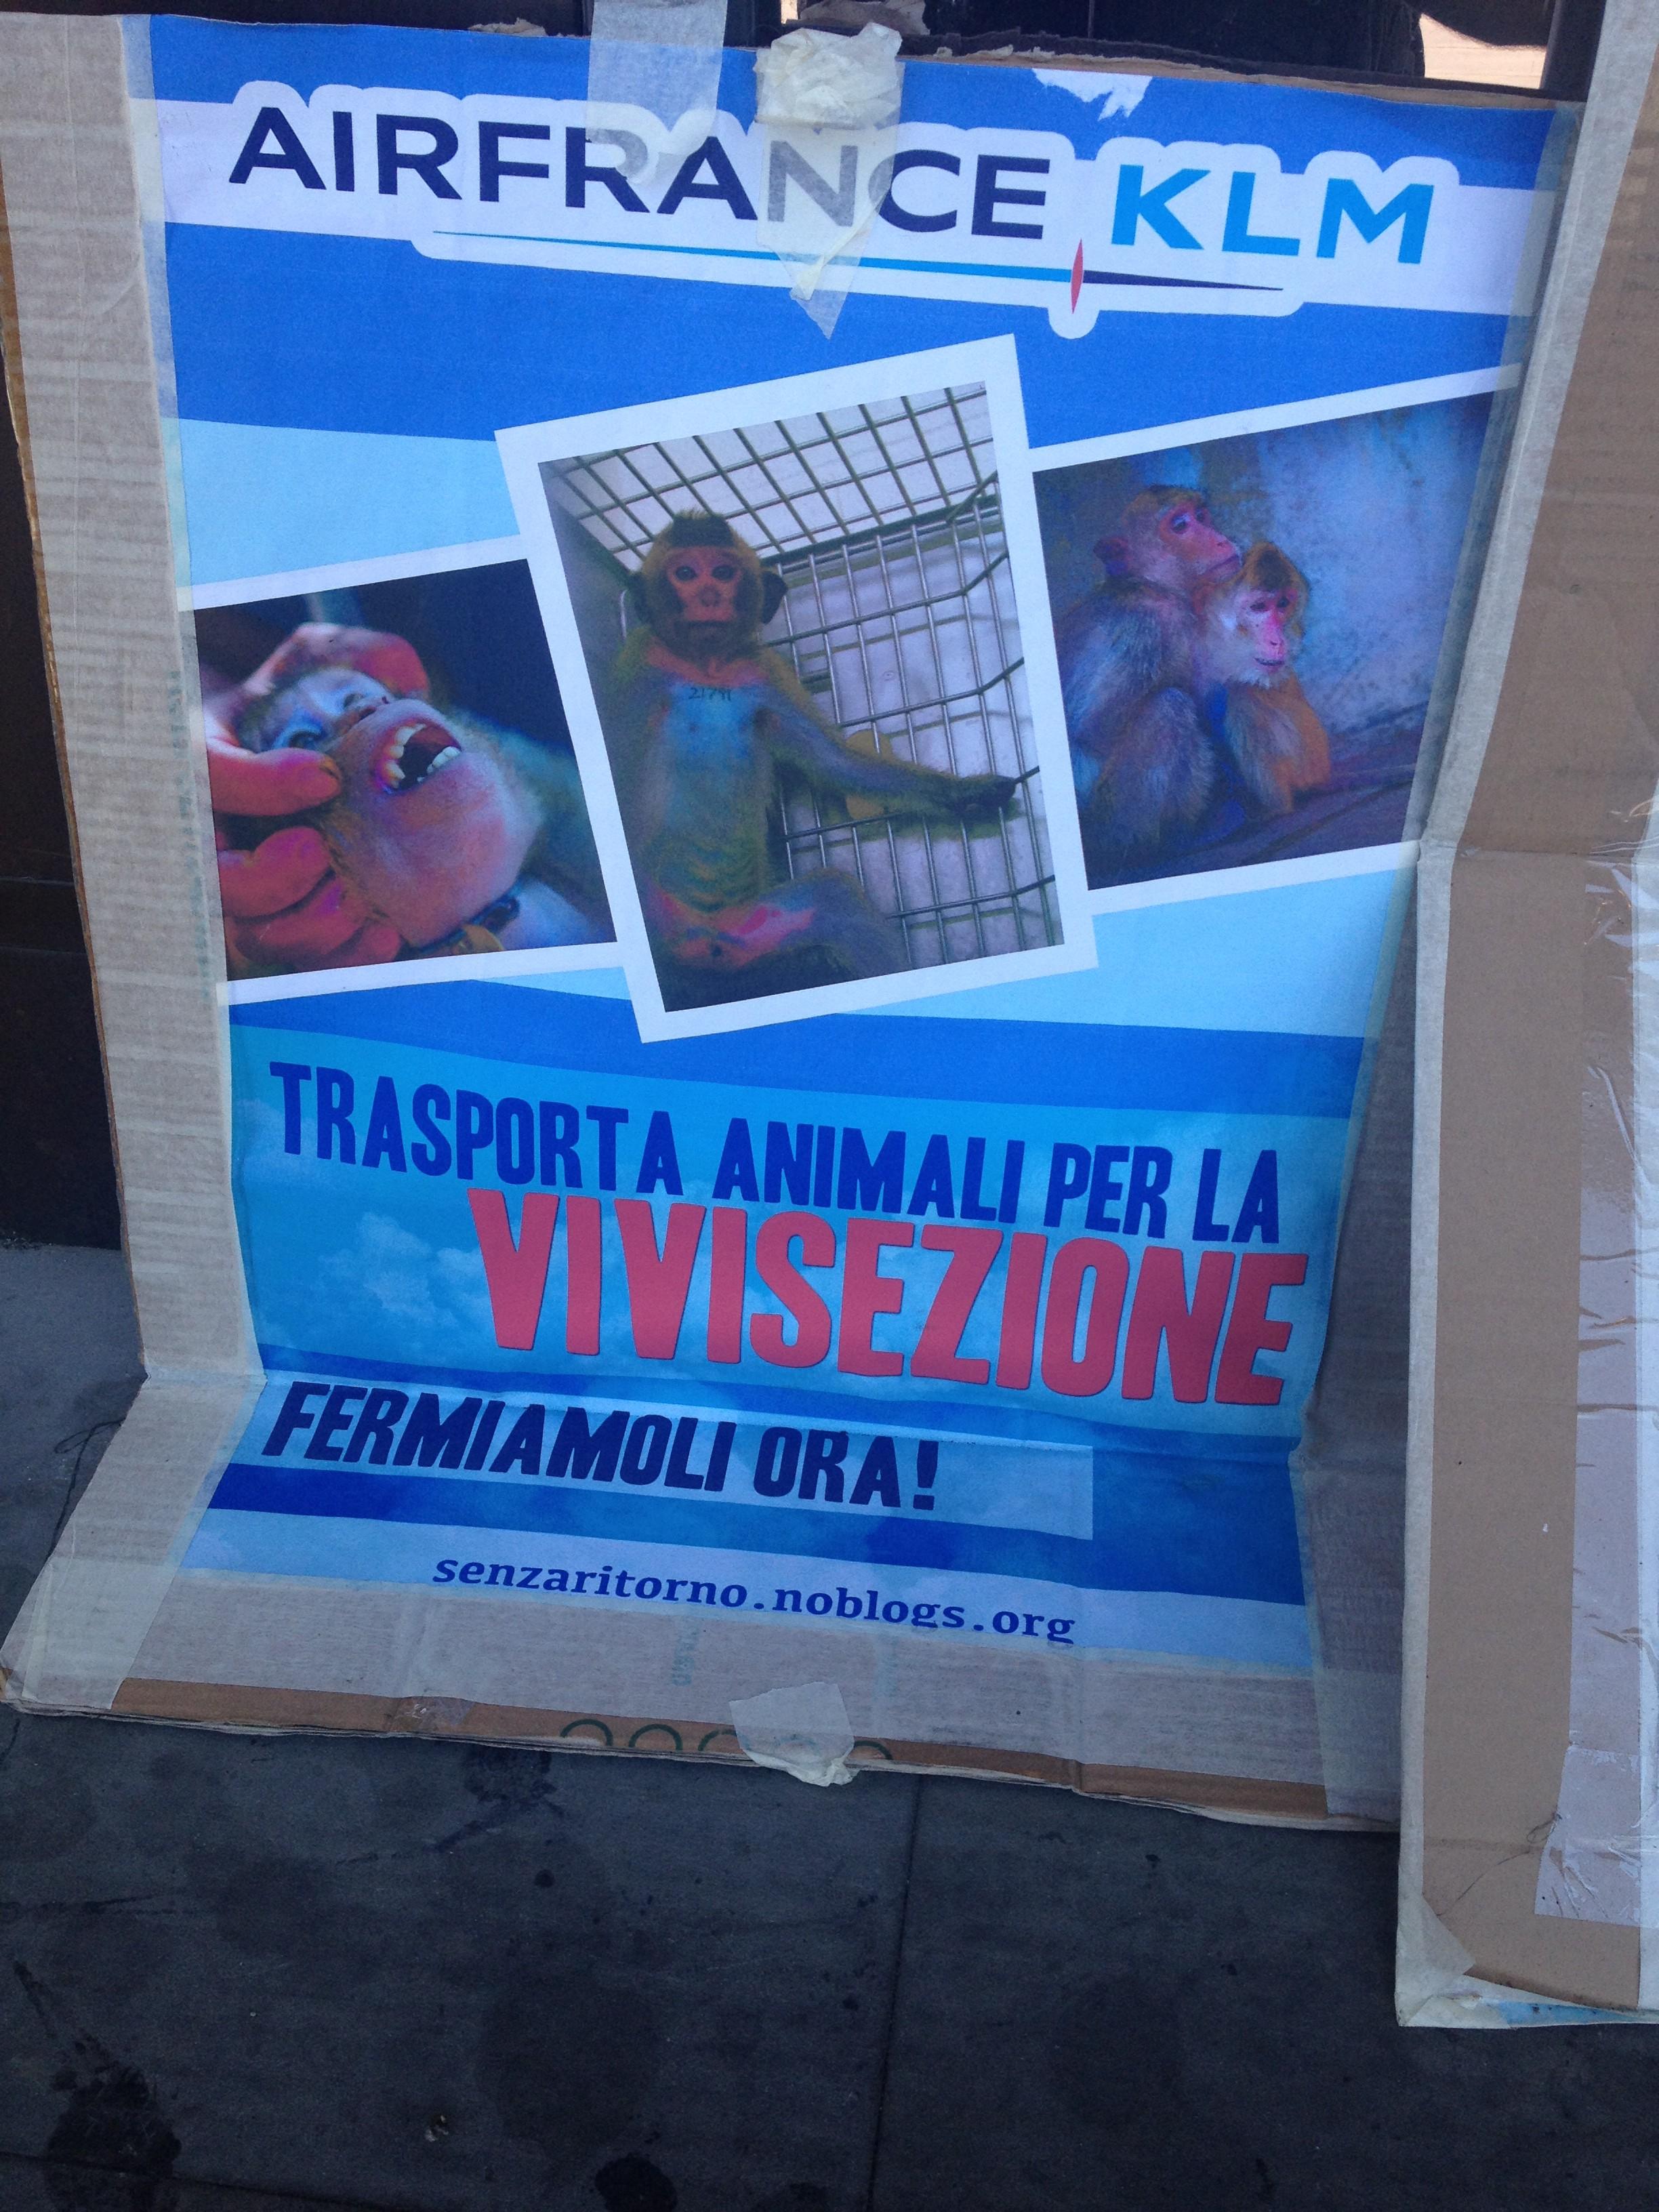 Cartello contro Air France - KLM ed il rasporto di animali per la vivisezione